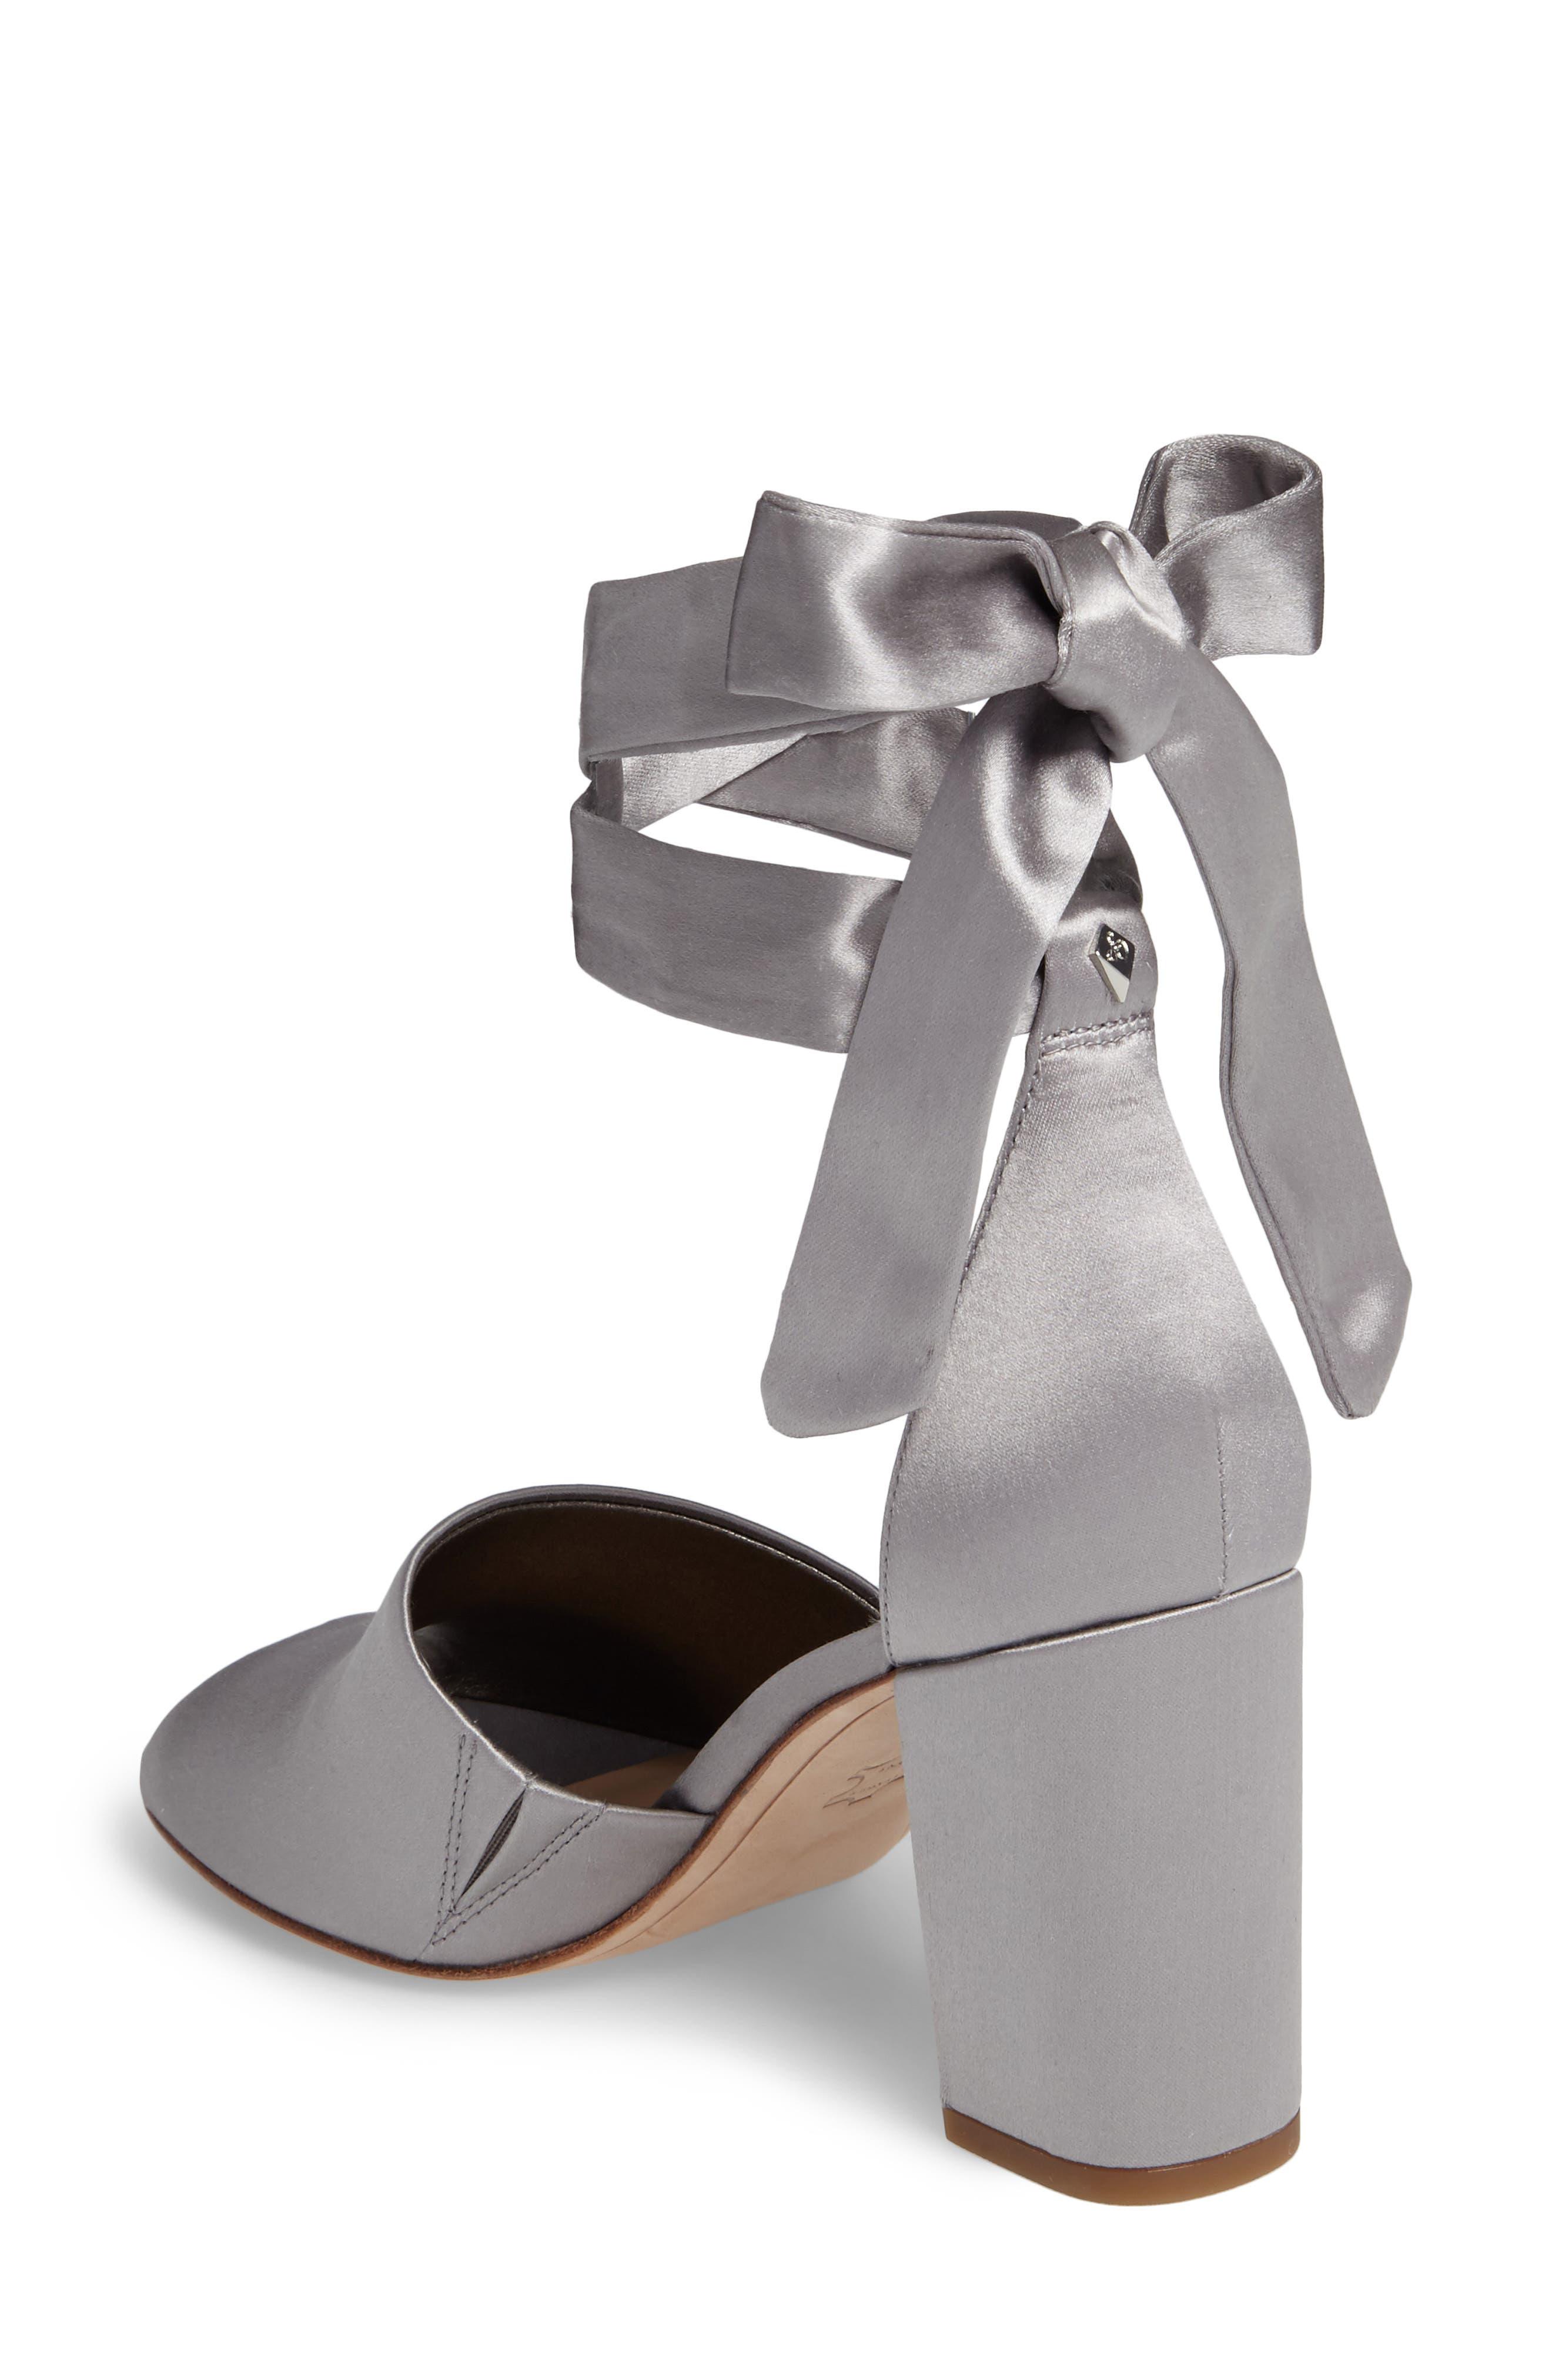 Odele Sandal,                             Alternate thumbnail 2, color,                             Light Grey Satin